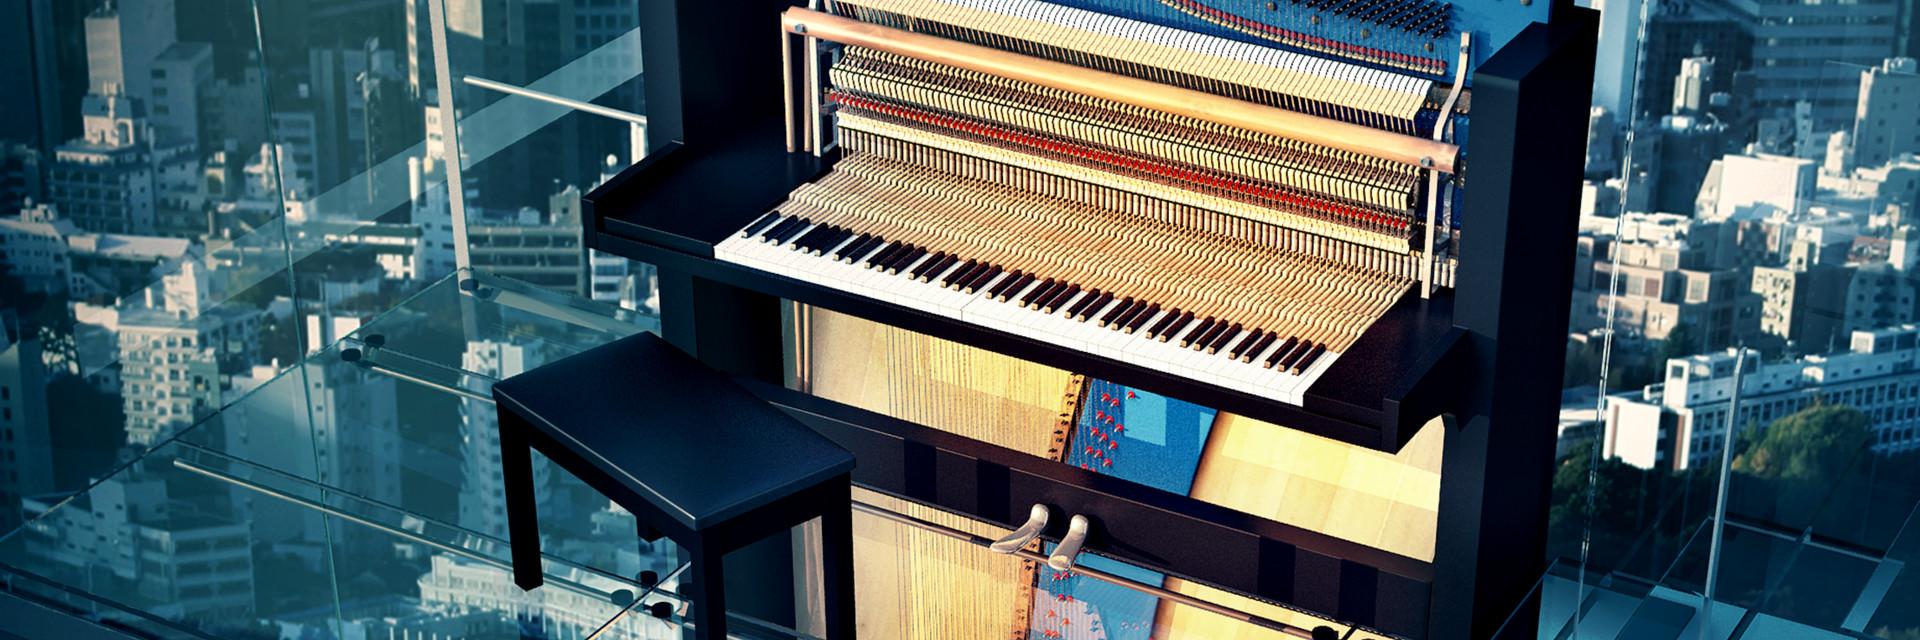 Kontakt 5 manual download - The Giant Instrument Details Kontakt 5